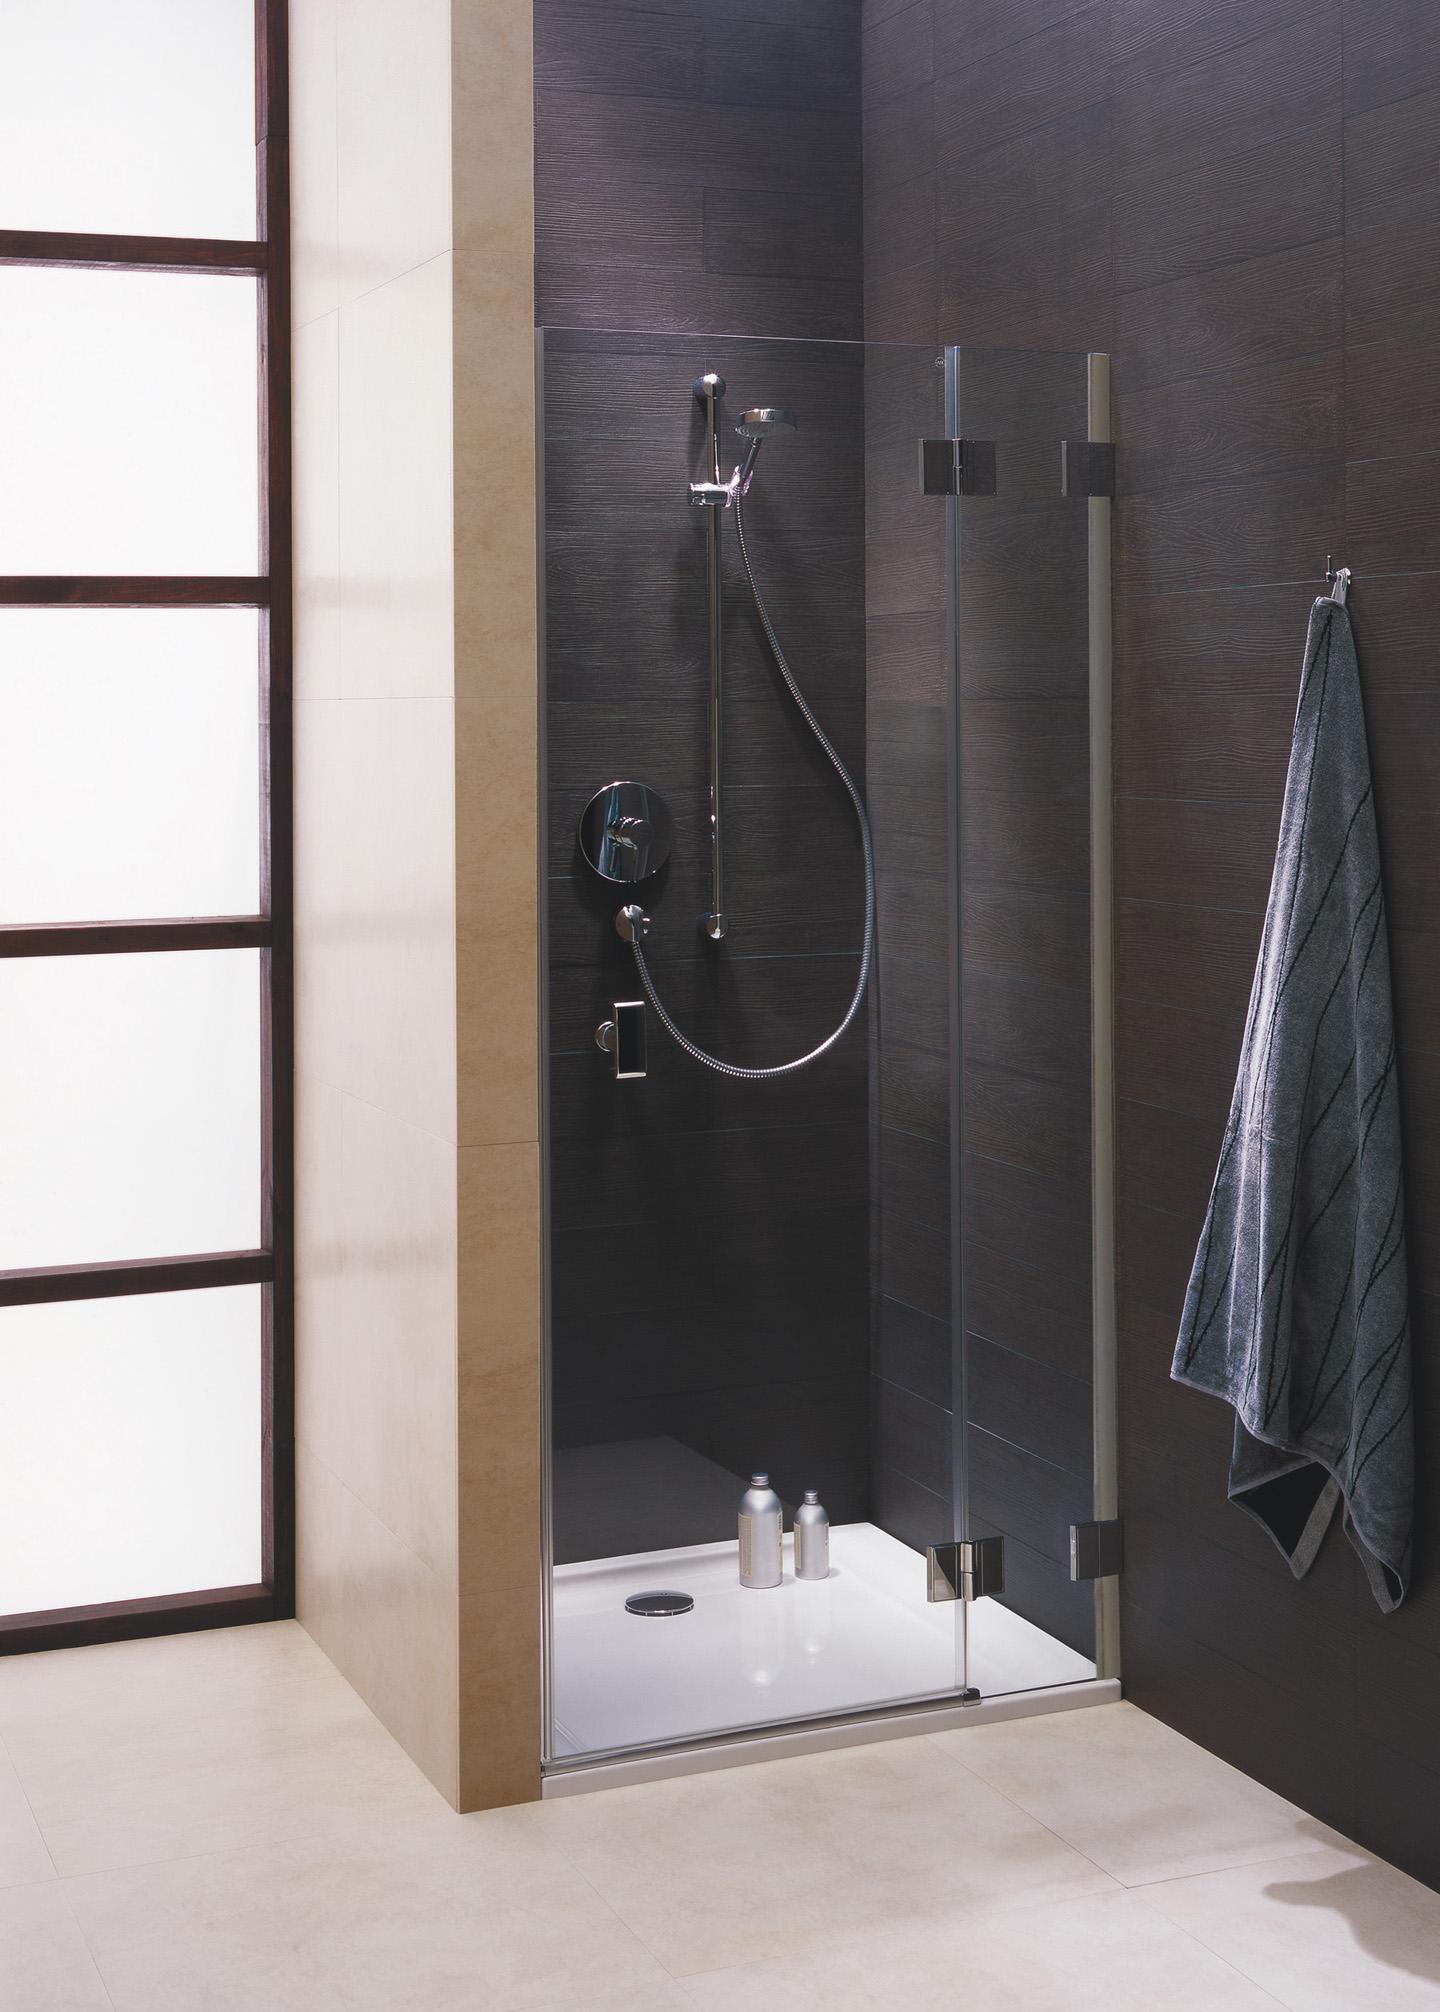 sprchové kouty KOLO NIVEN FDRF90222003L dveře do niky 90cm